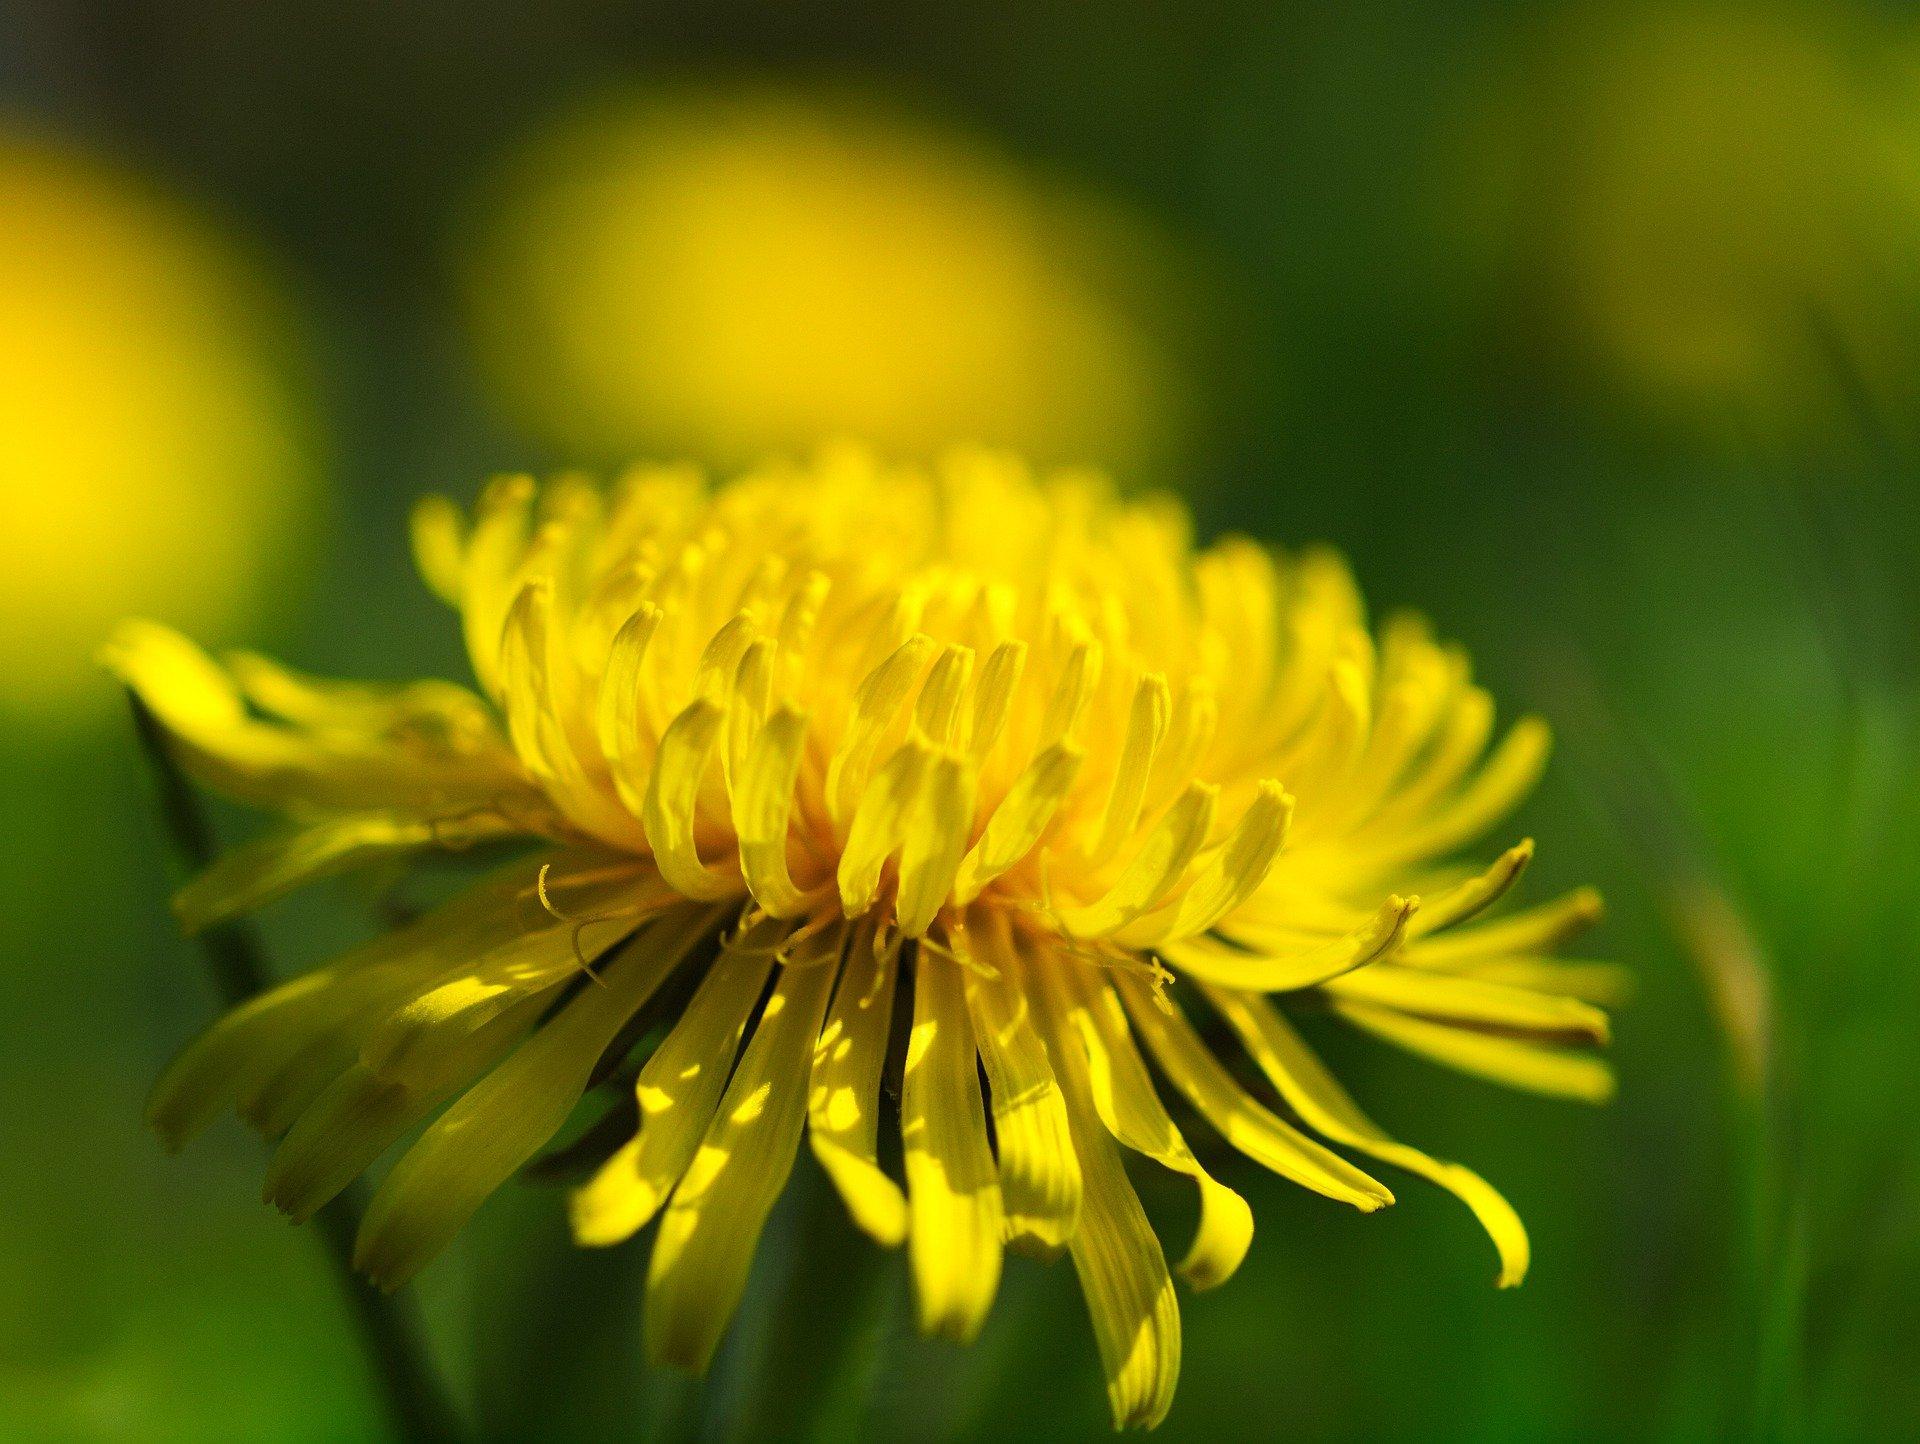 Les fleurs du pissenlit sont différentes entre le cercle du capitule et l'extérieur de l'inflorescence..